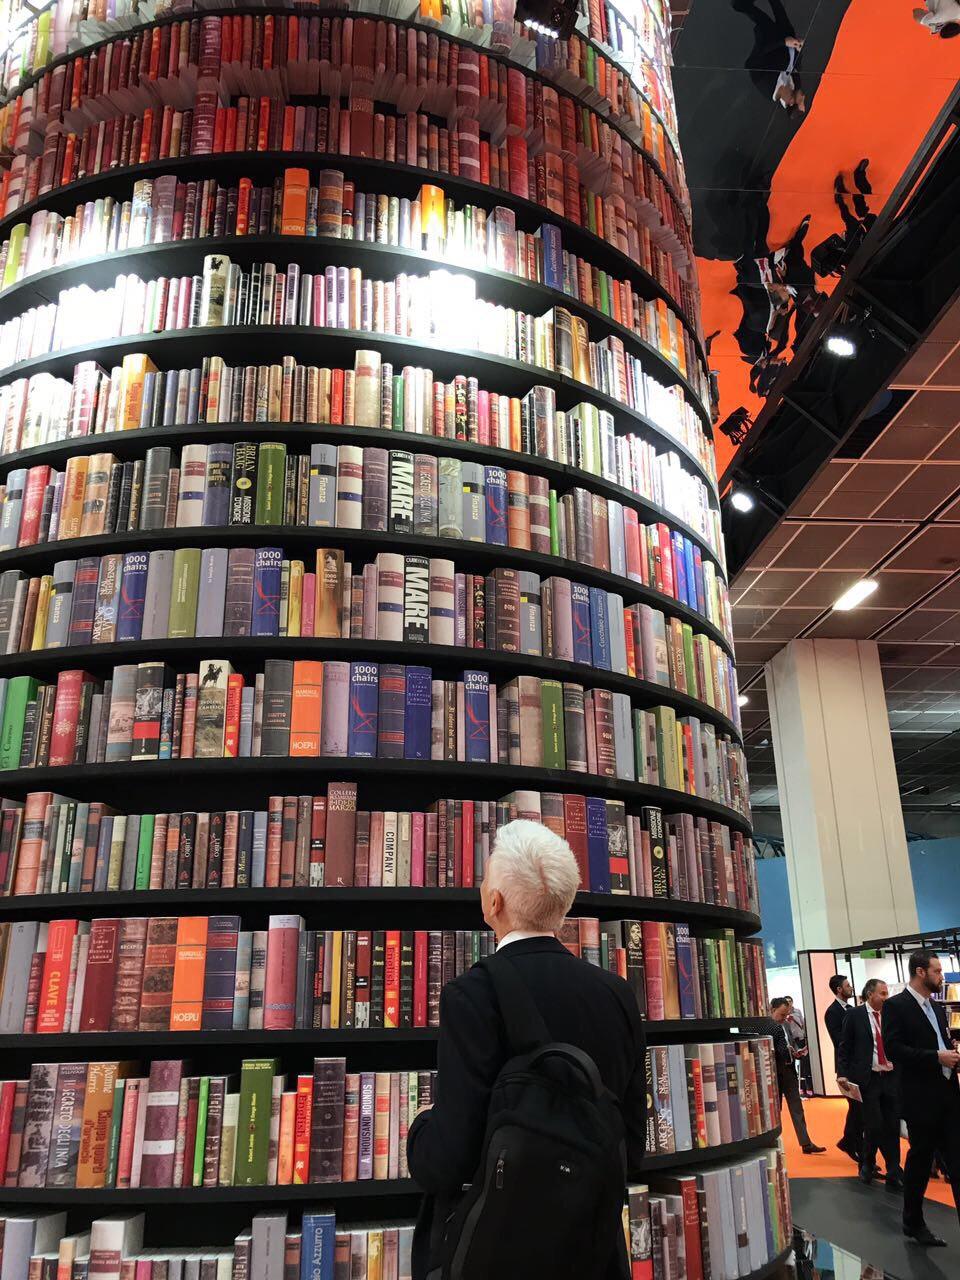 La torre del libro